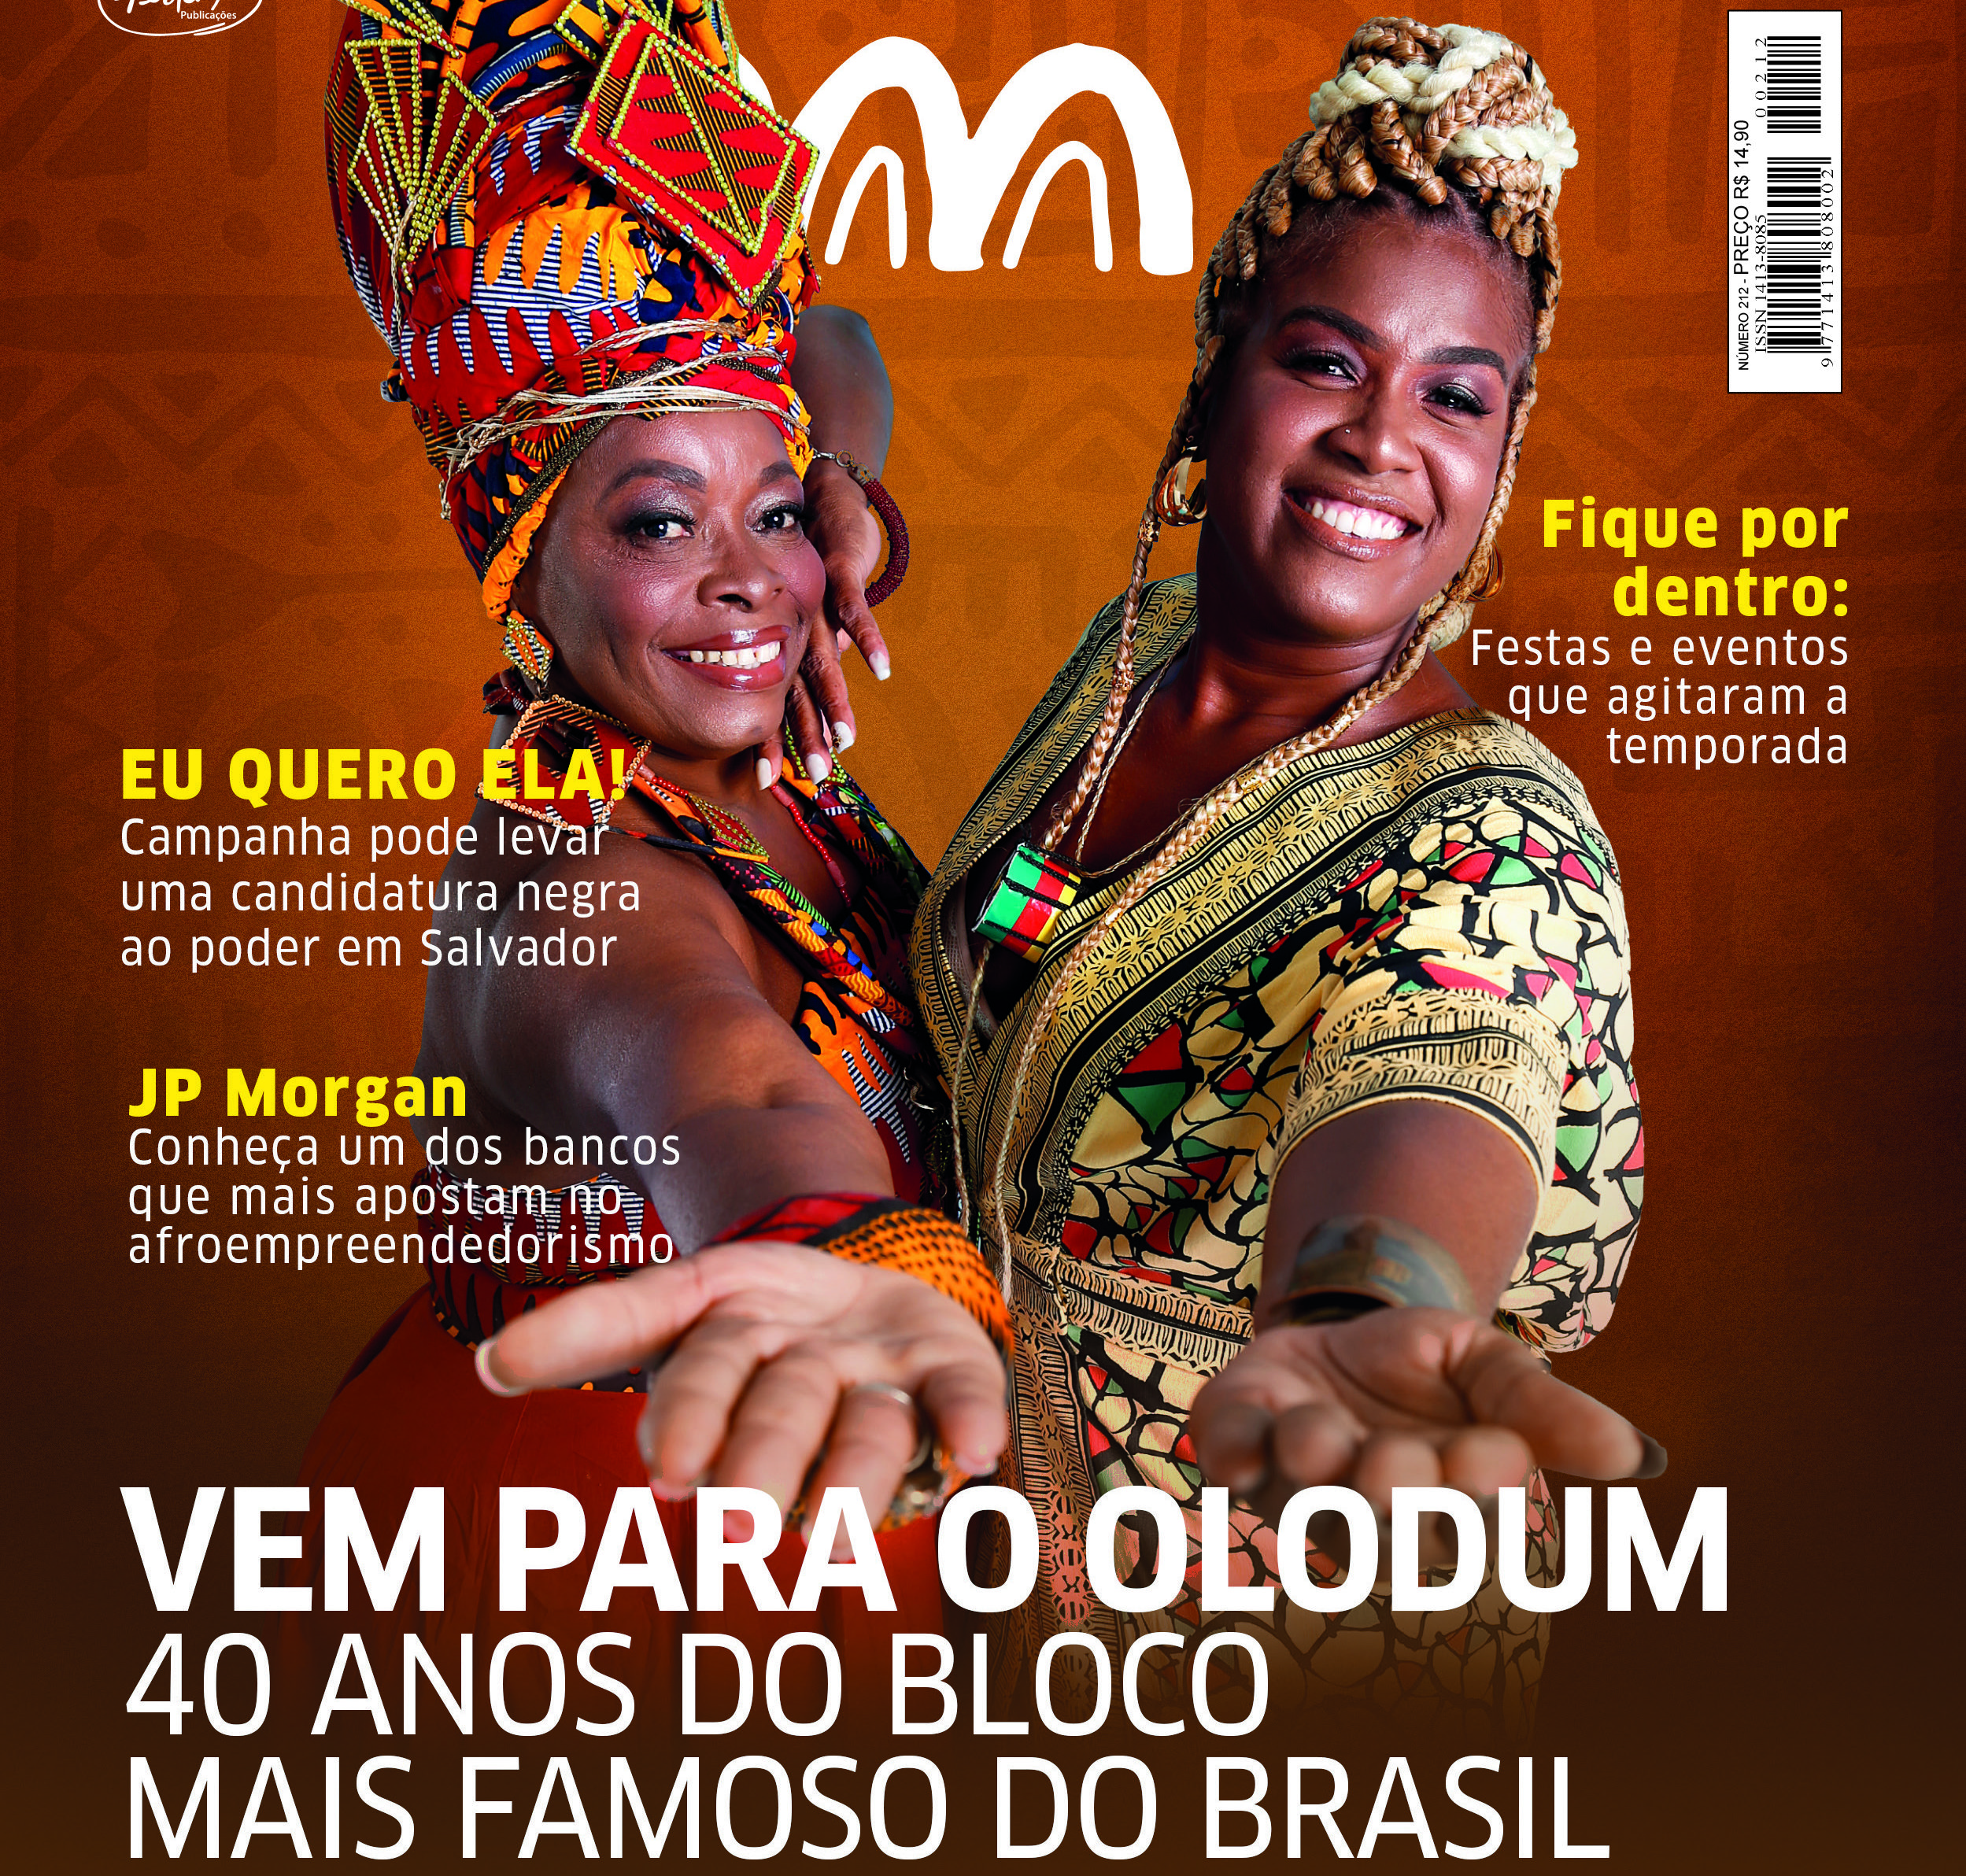 https://revistaraca.com.br/wp-content/uploads/2020/01/CAPA212-e1579904395578.jpg